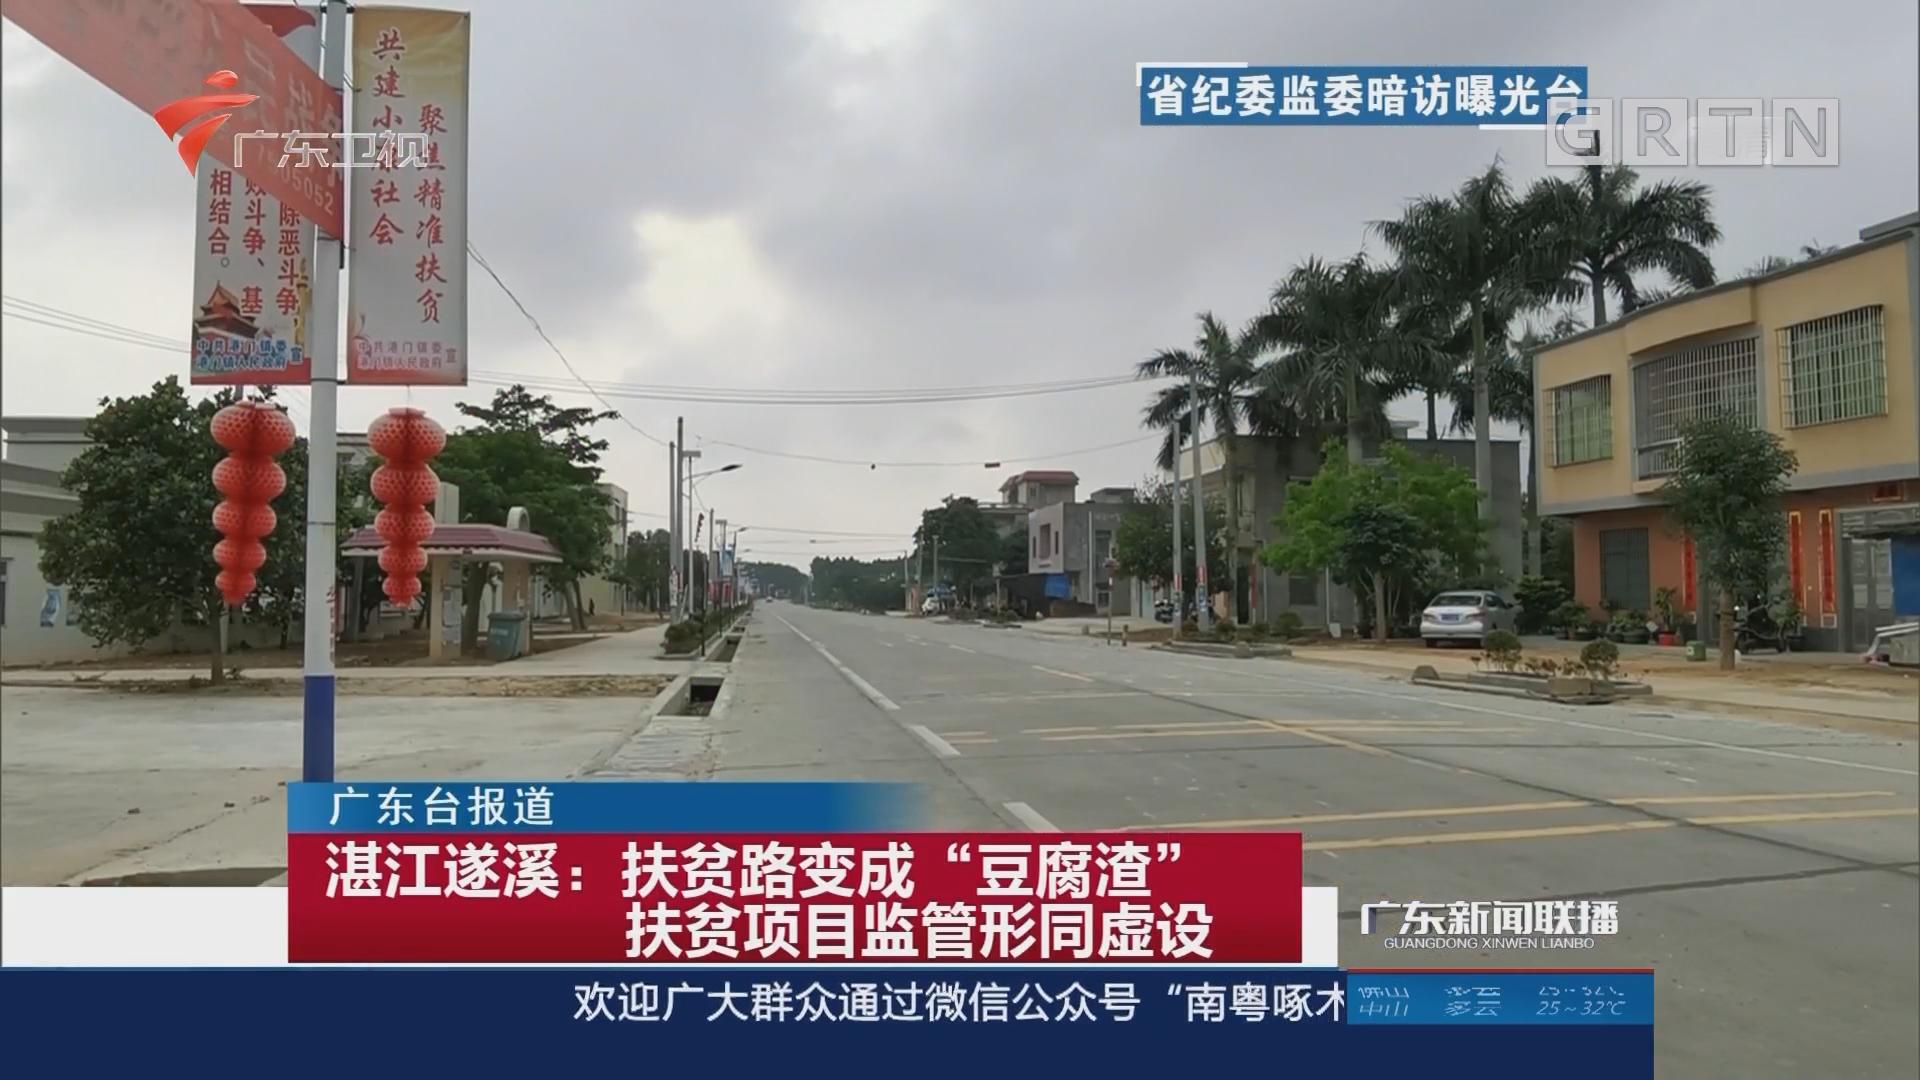 """湛江遂溪:扶贫路变成""""豆腐渣"""" 扶贫项目监管形同虚设"""